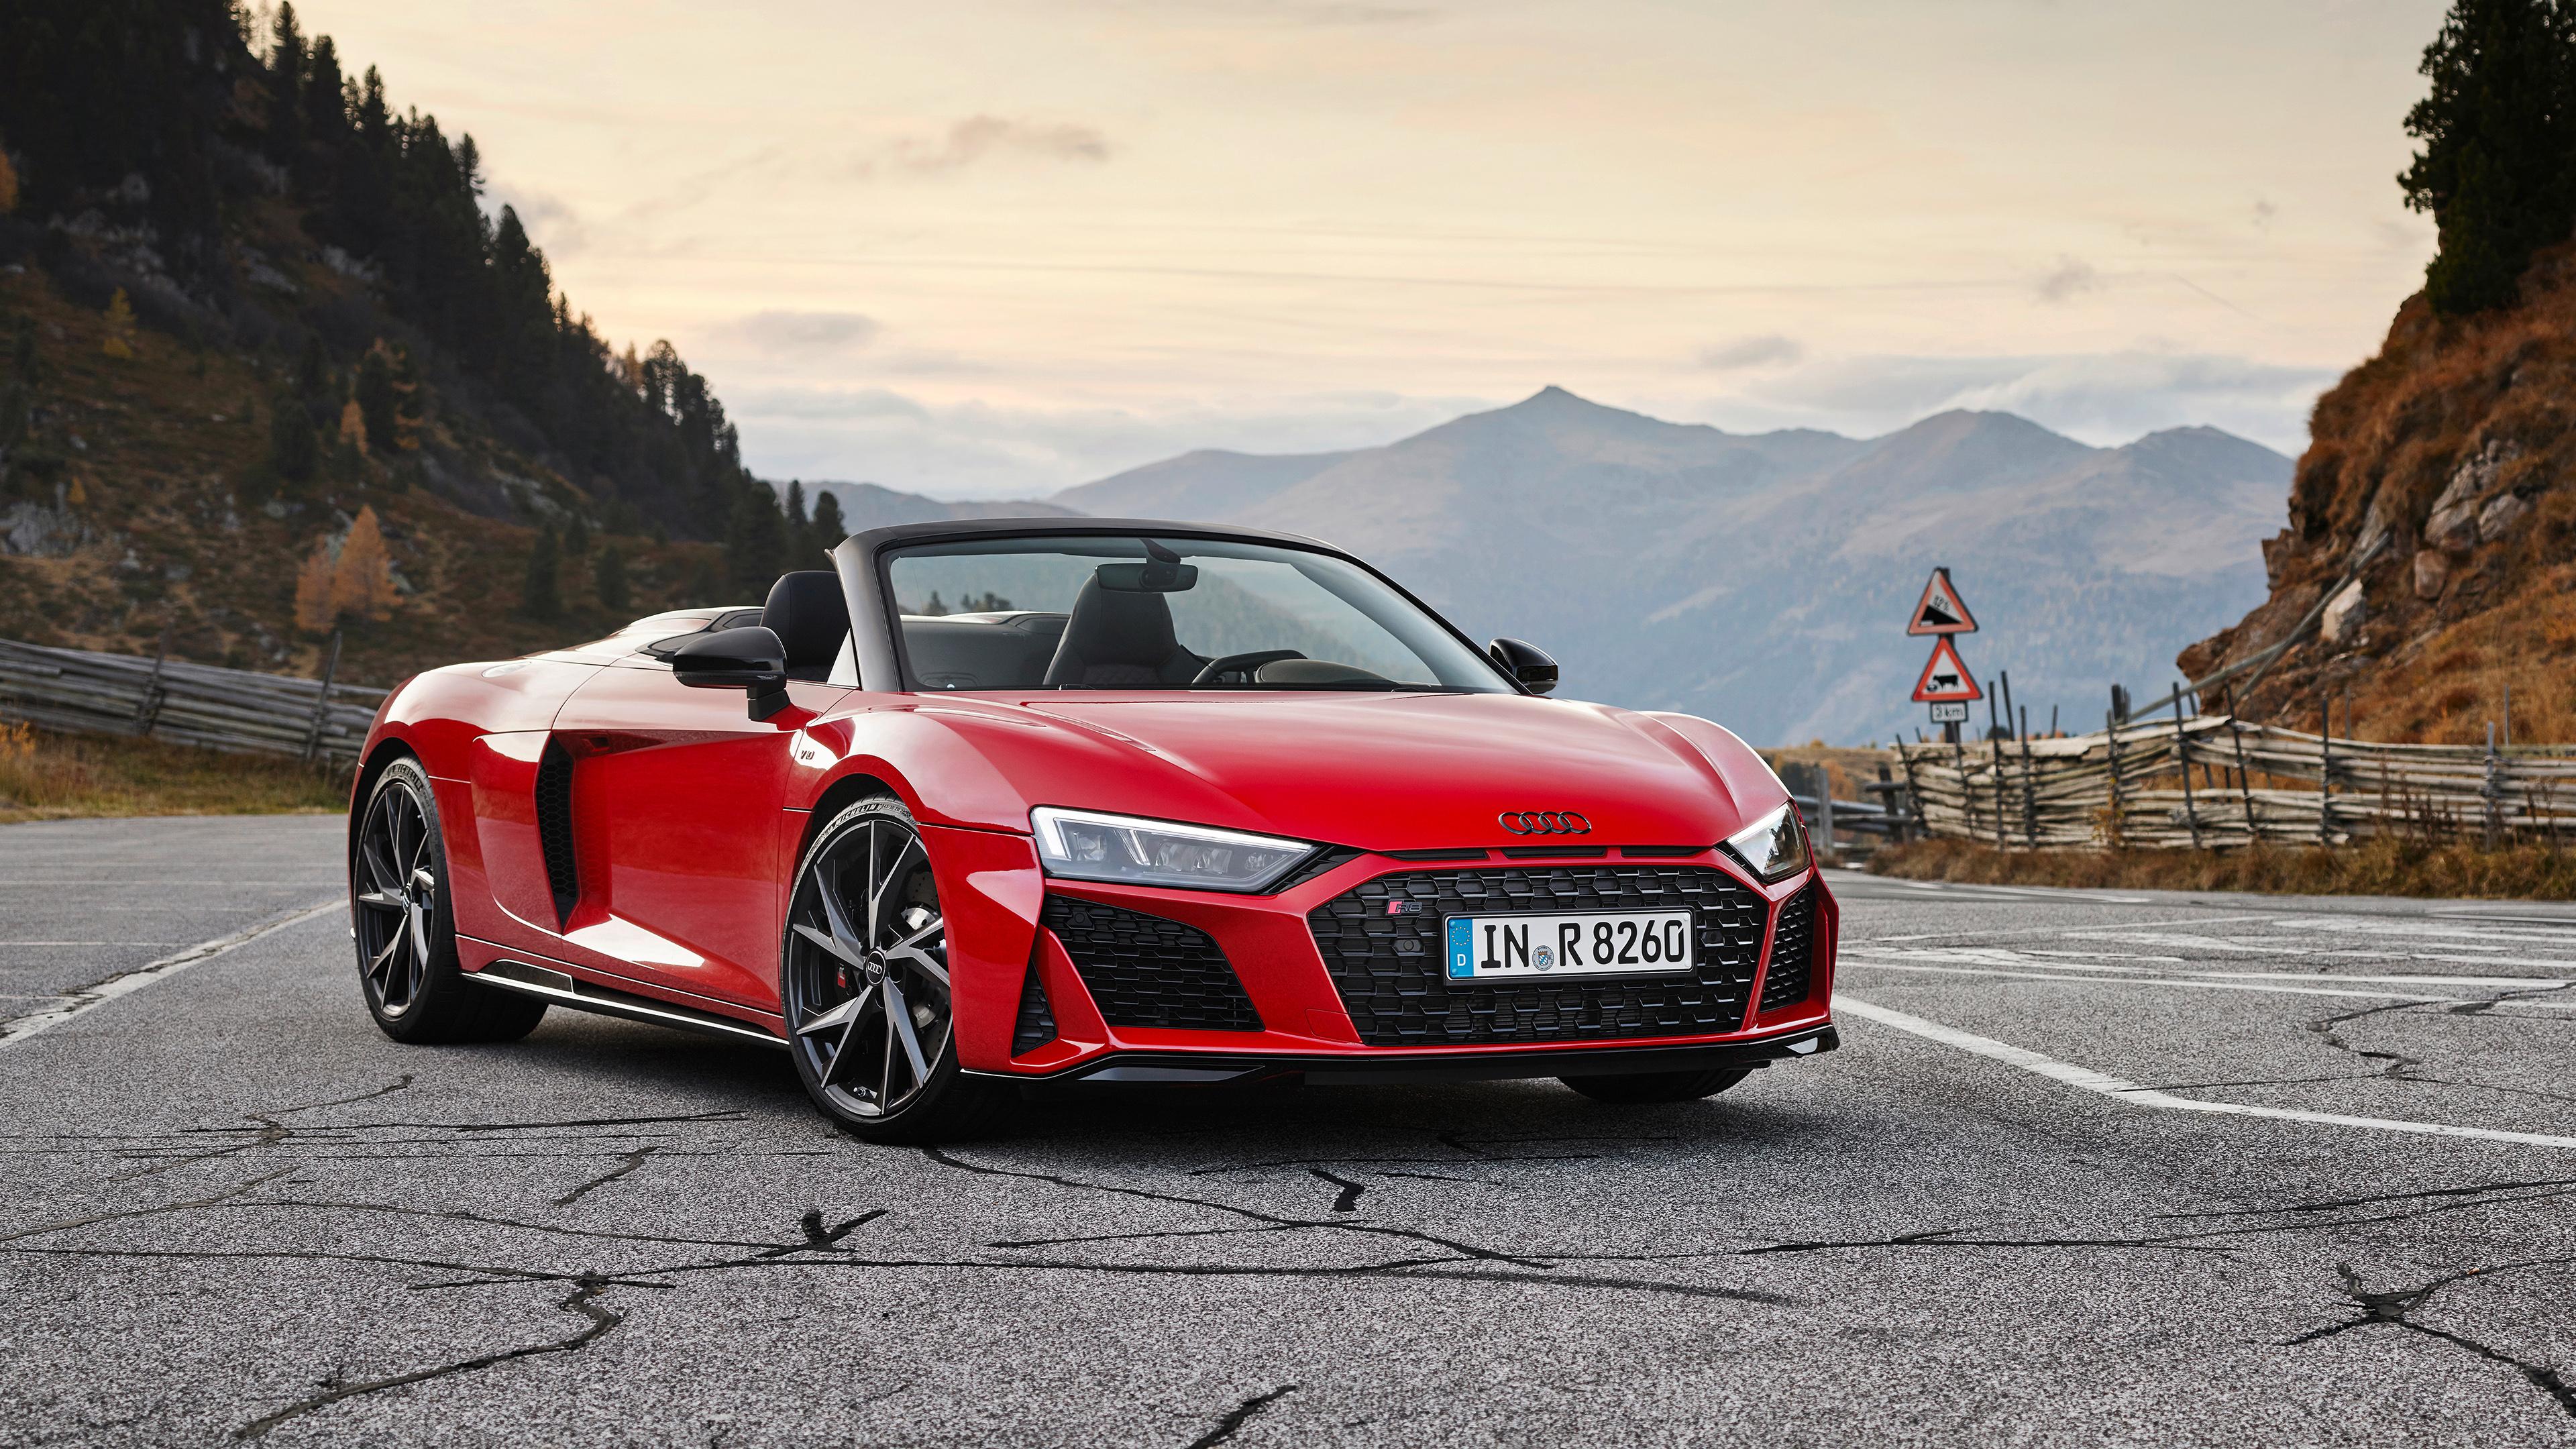 Audi R8 V10 Rwd Spyder 2019 4k 4 Wallpaper Hd Car Wallpapers Id 13611